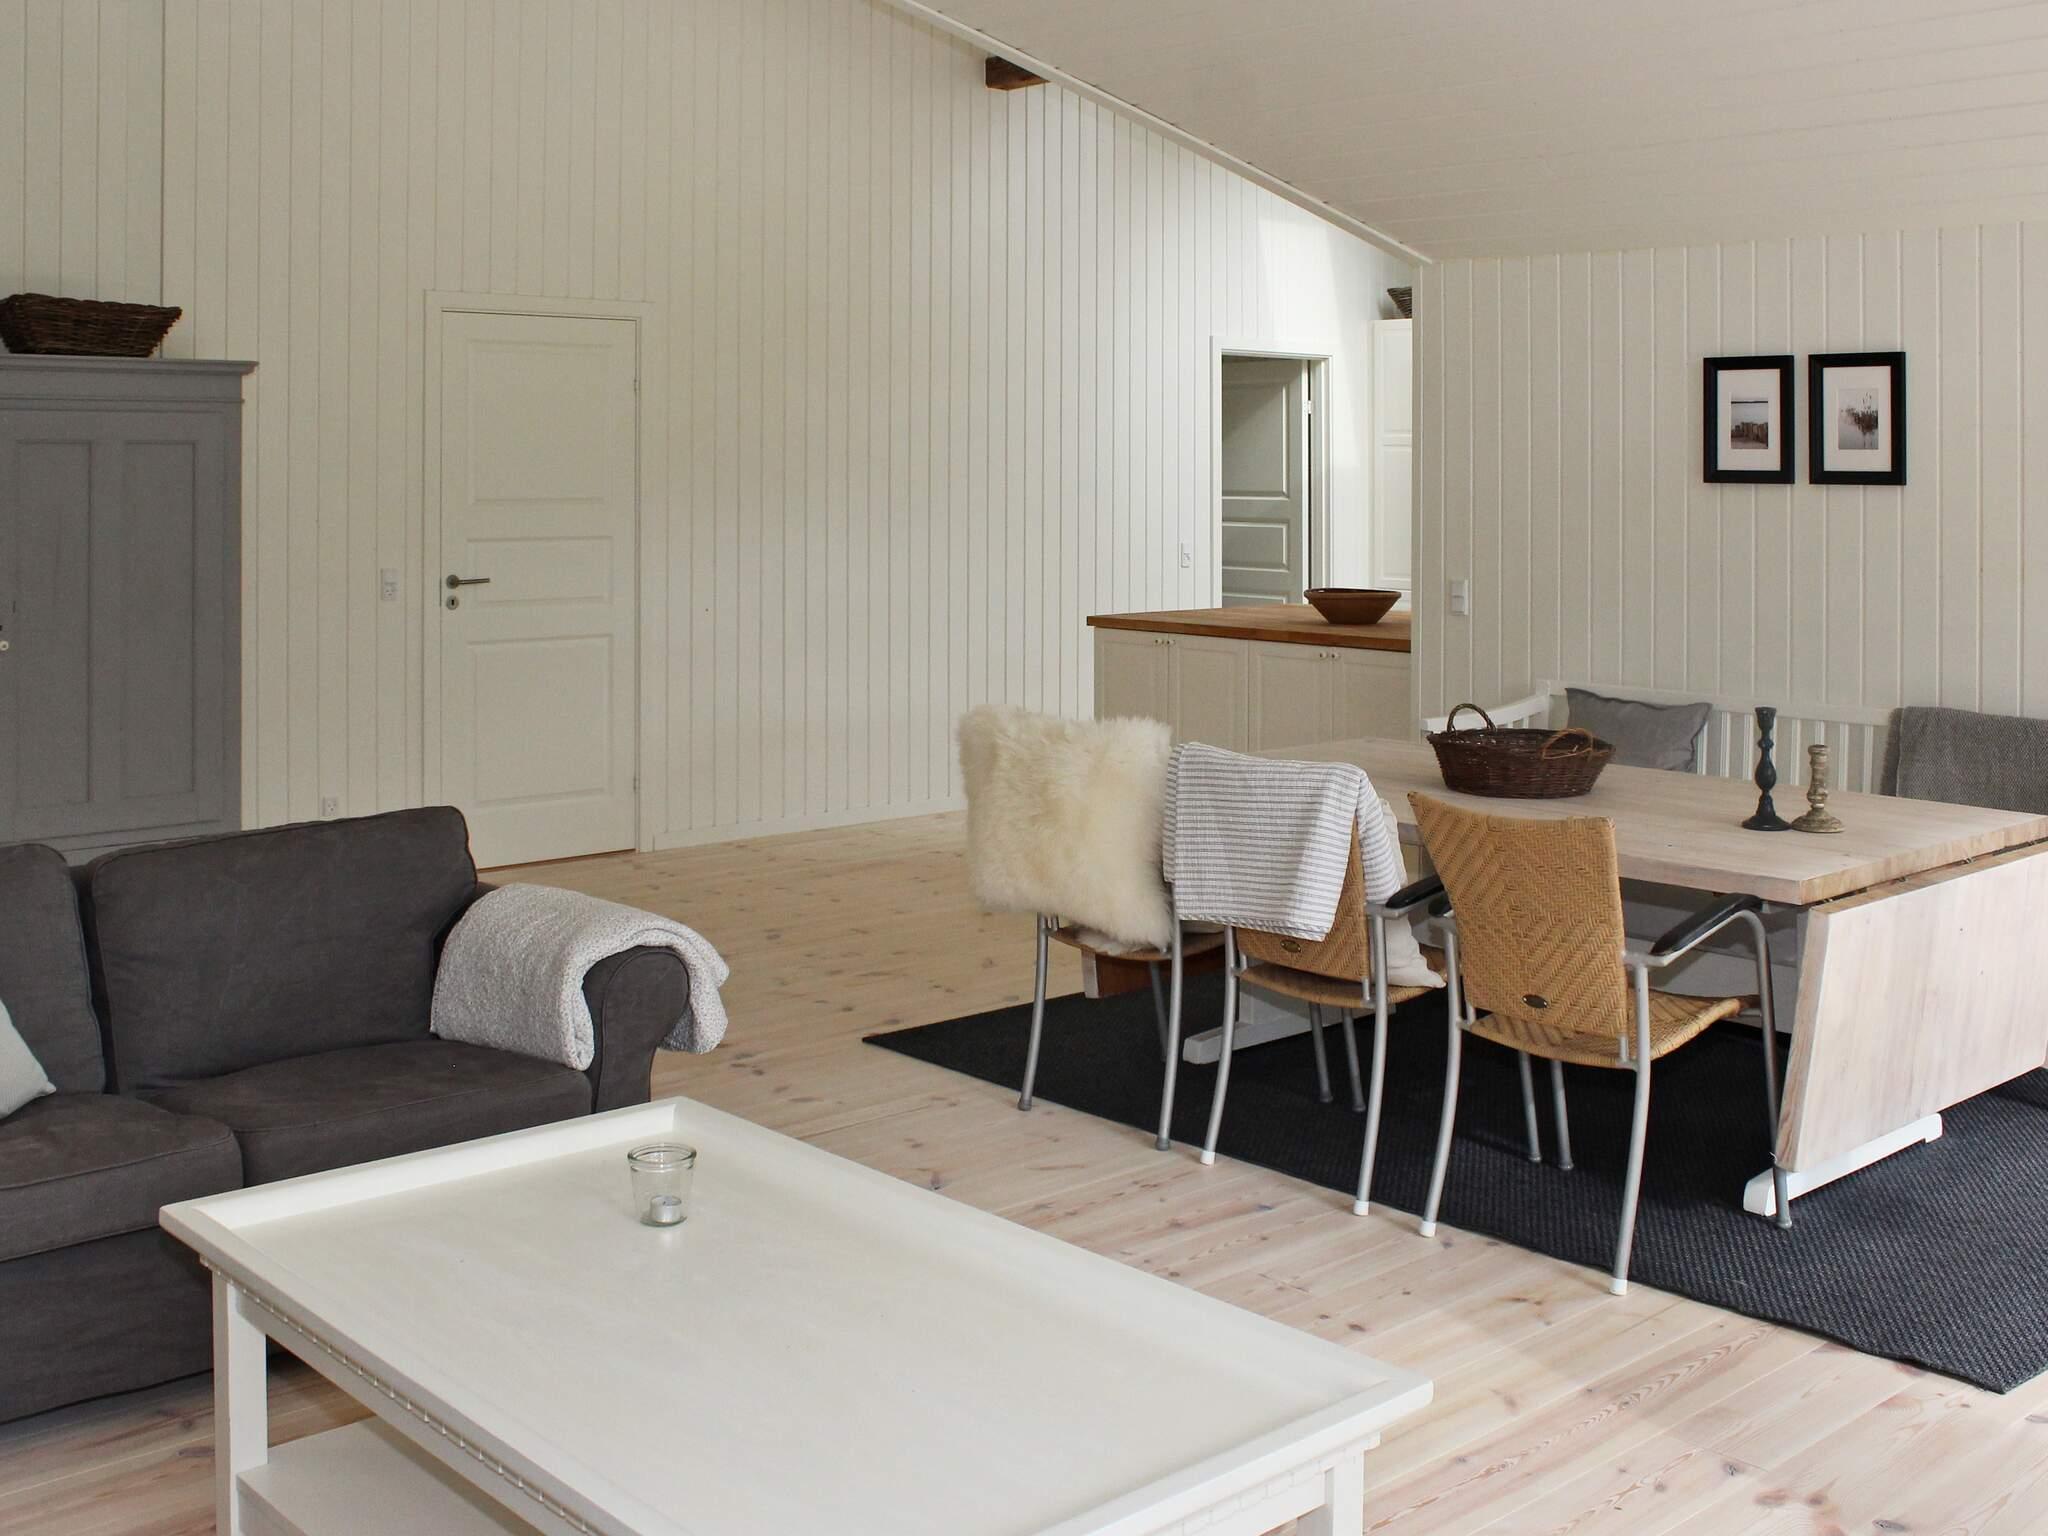 Ferienhaus Silkeborg (2523581), Silkeborg, , Ostjütland, Dänemark, Bild 5